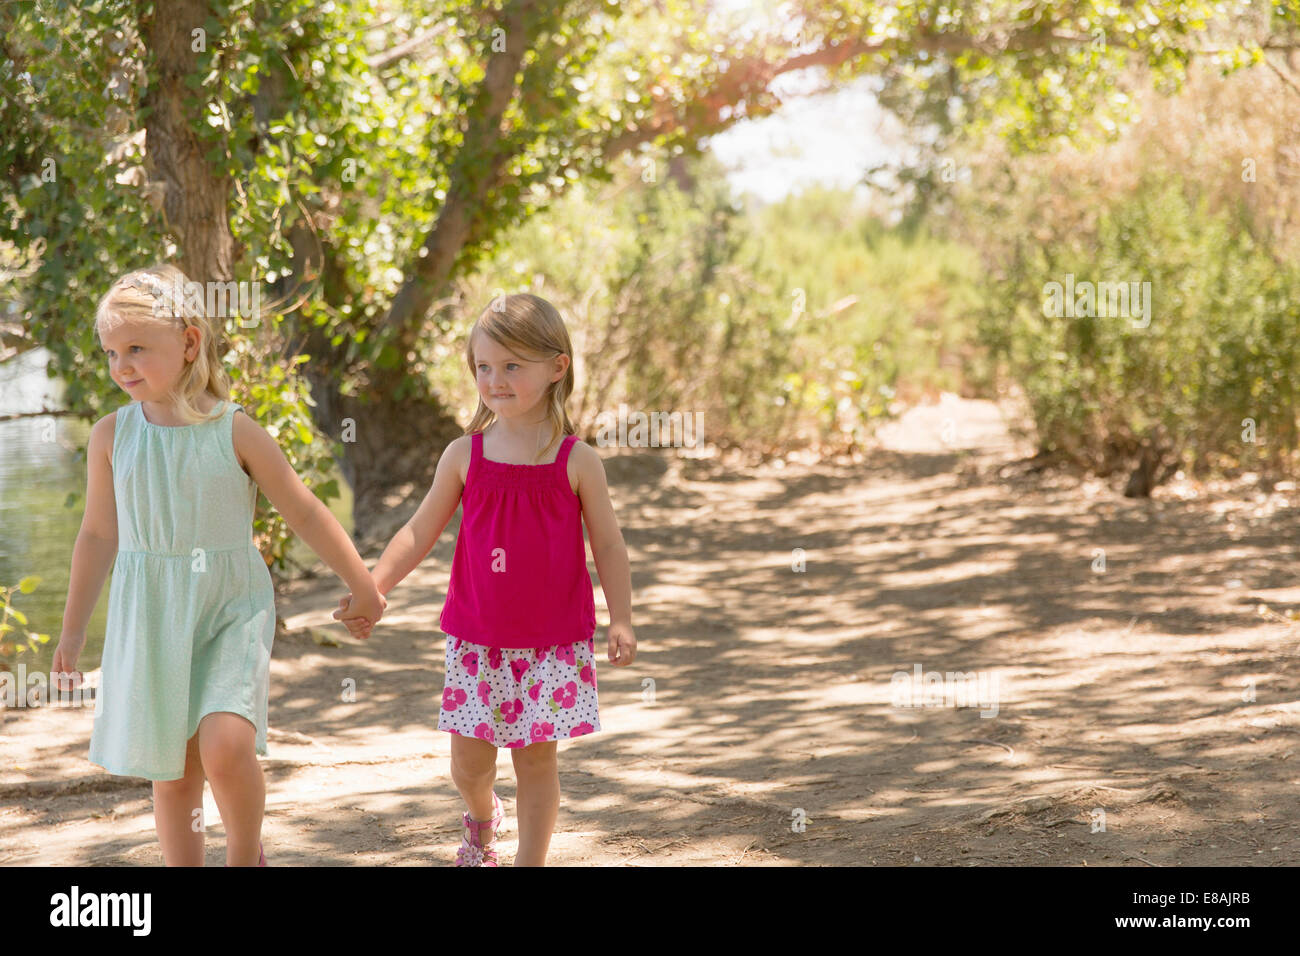 Zwei junge Schwestern flanieren und händchenhaltend am Ufer Stockbild